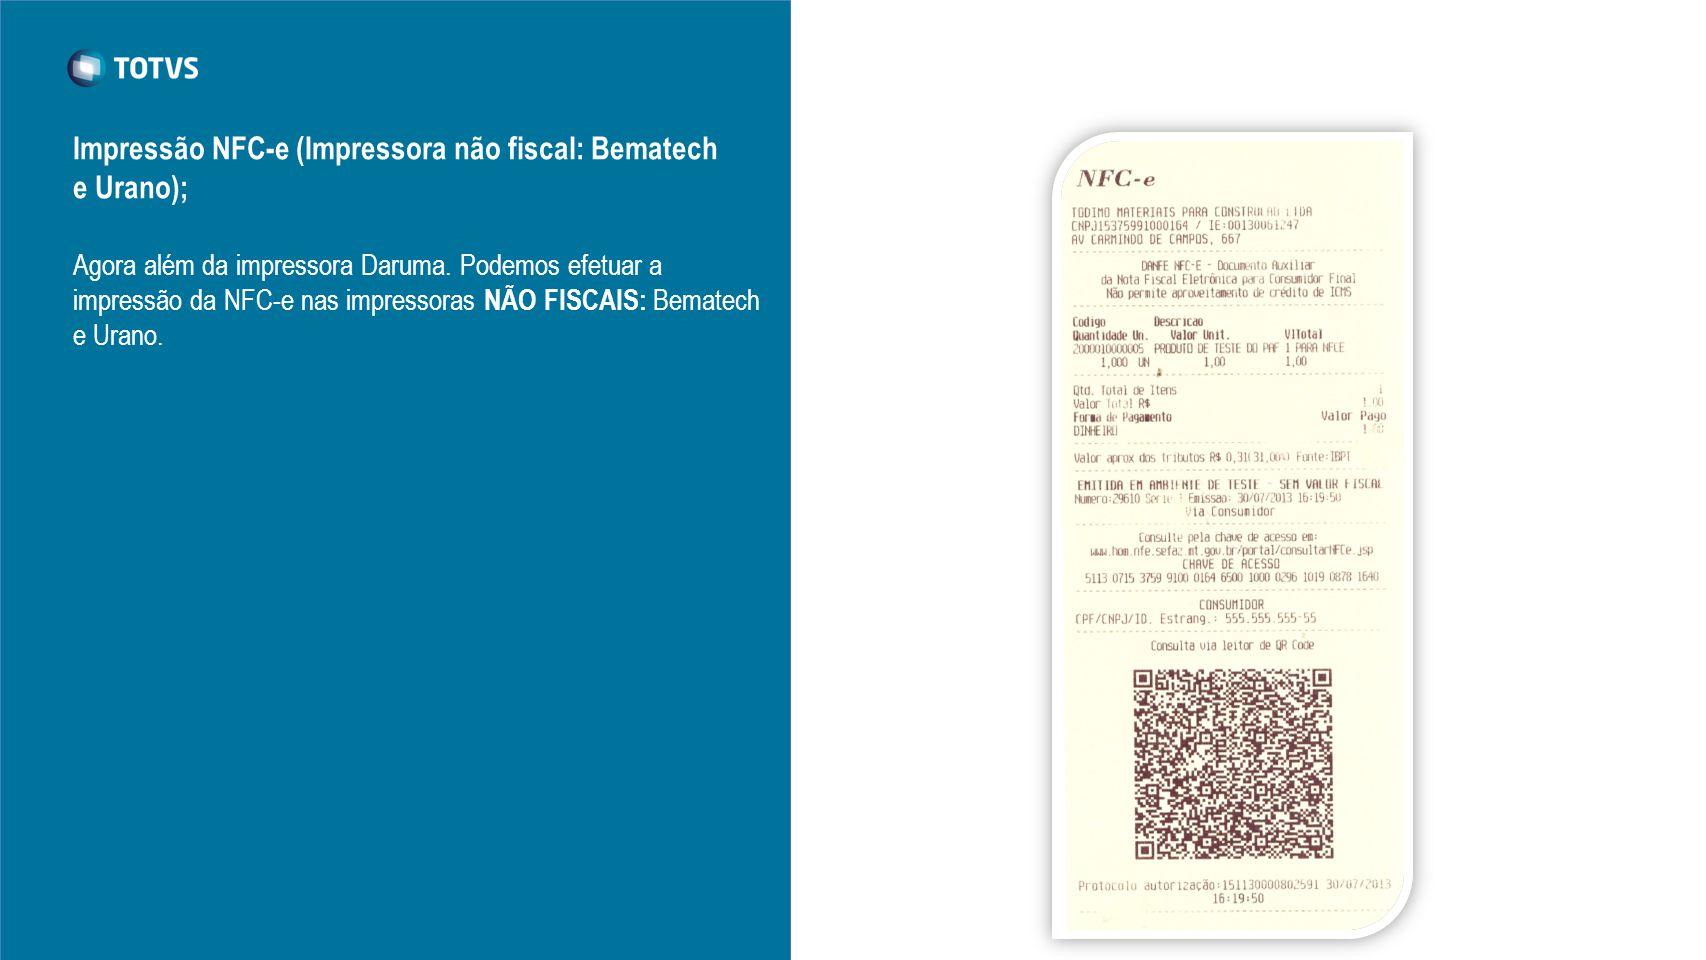 Impressão NFC-e (Impressora não fiscal: Bematech e Urano);